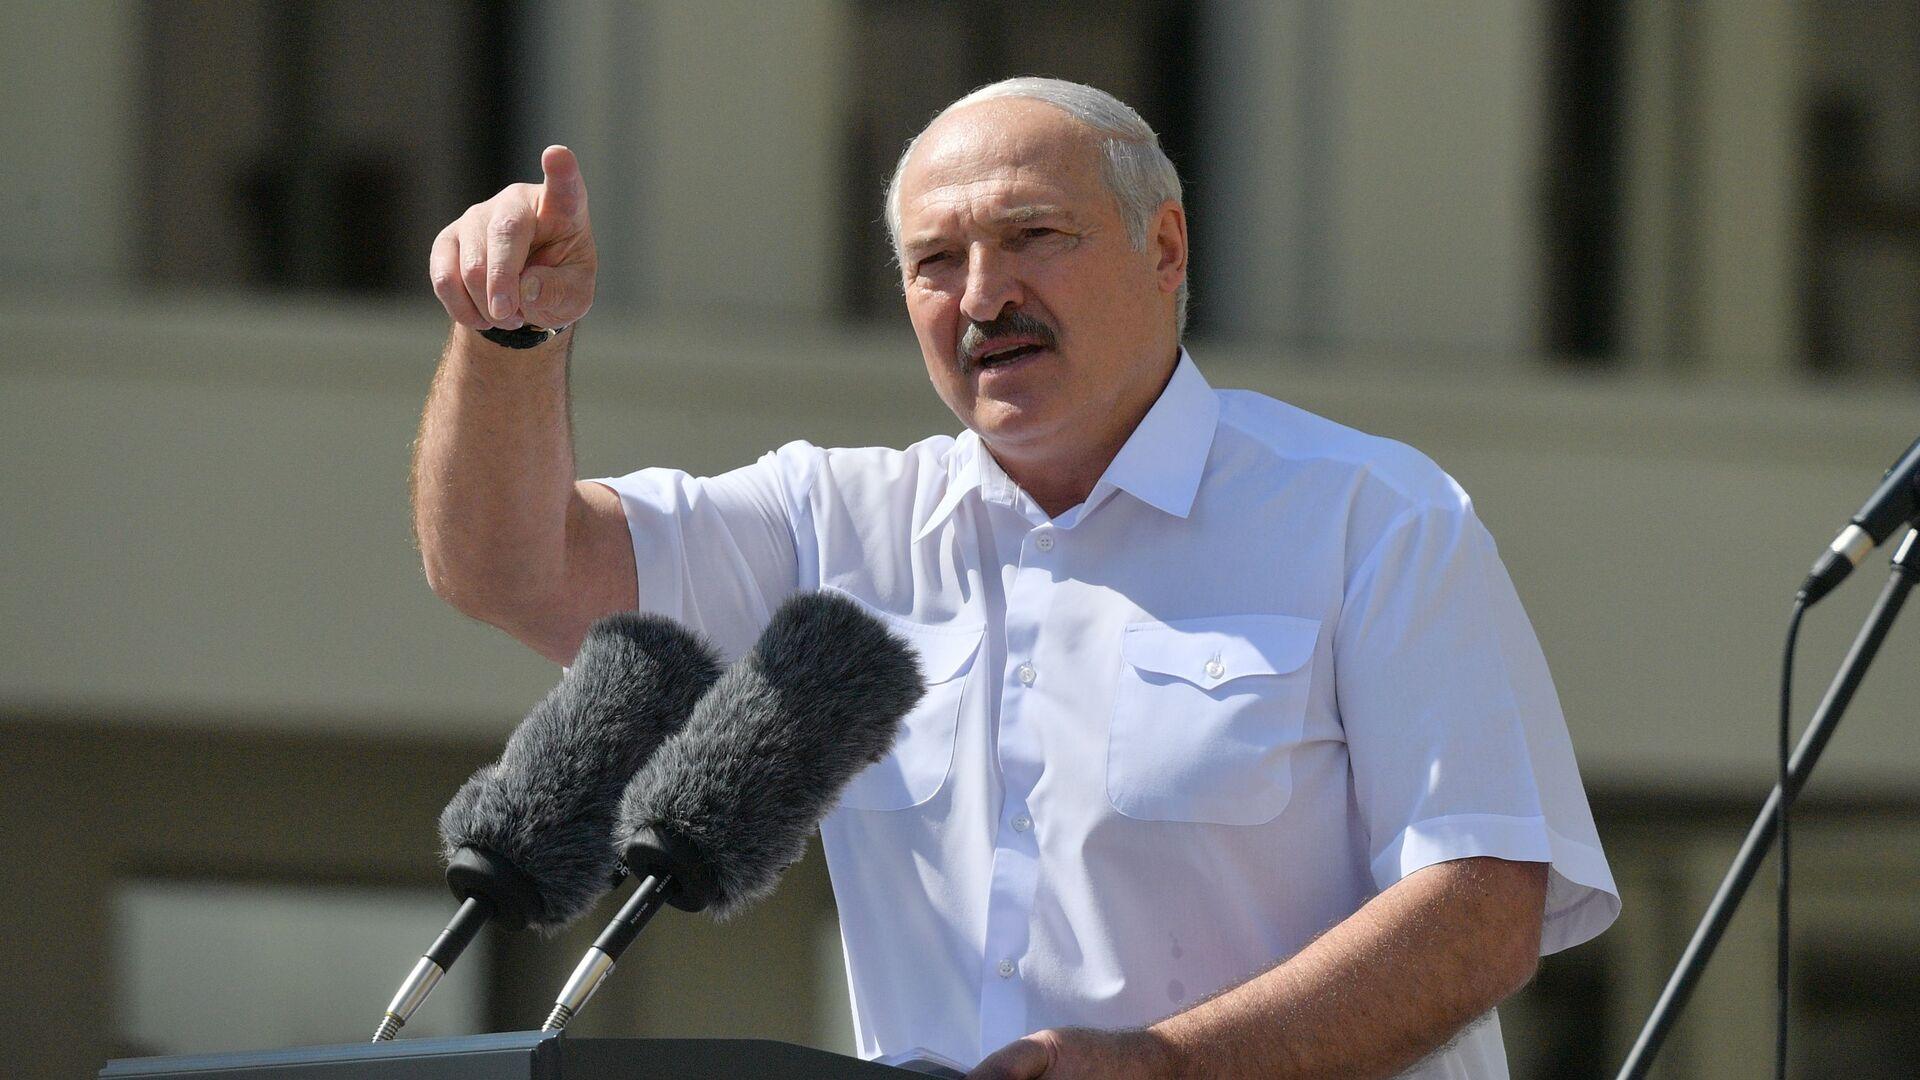 Il presidente bielorusso Aleksandr Lukashenko interviene al comizio a suo sostegno a Minsk - Sputnik Italia, 1920, 09.08.2021